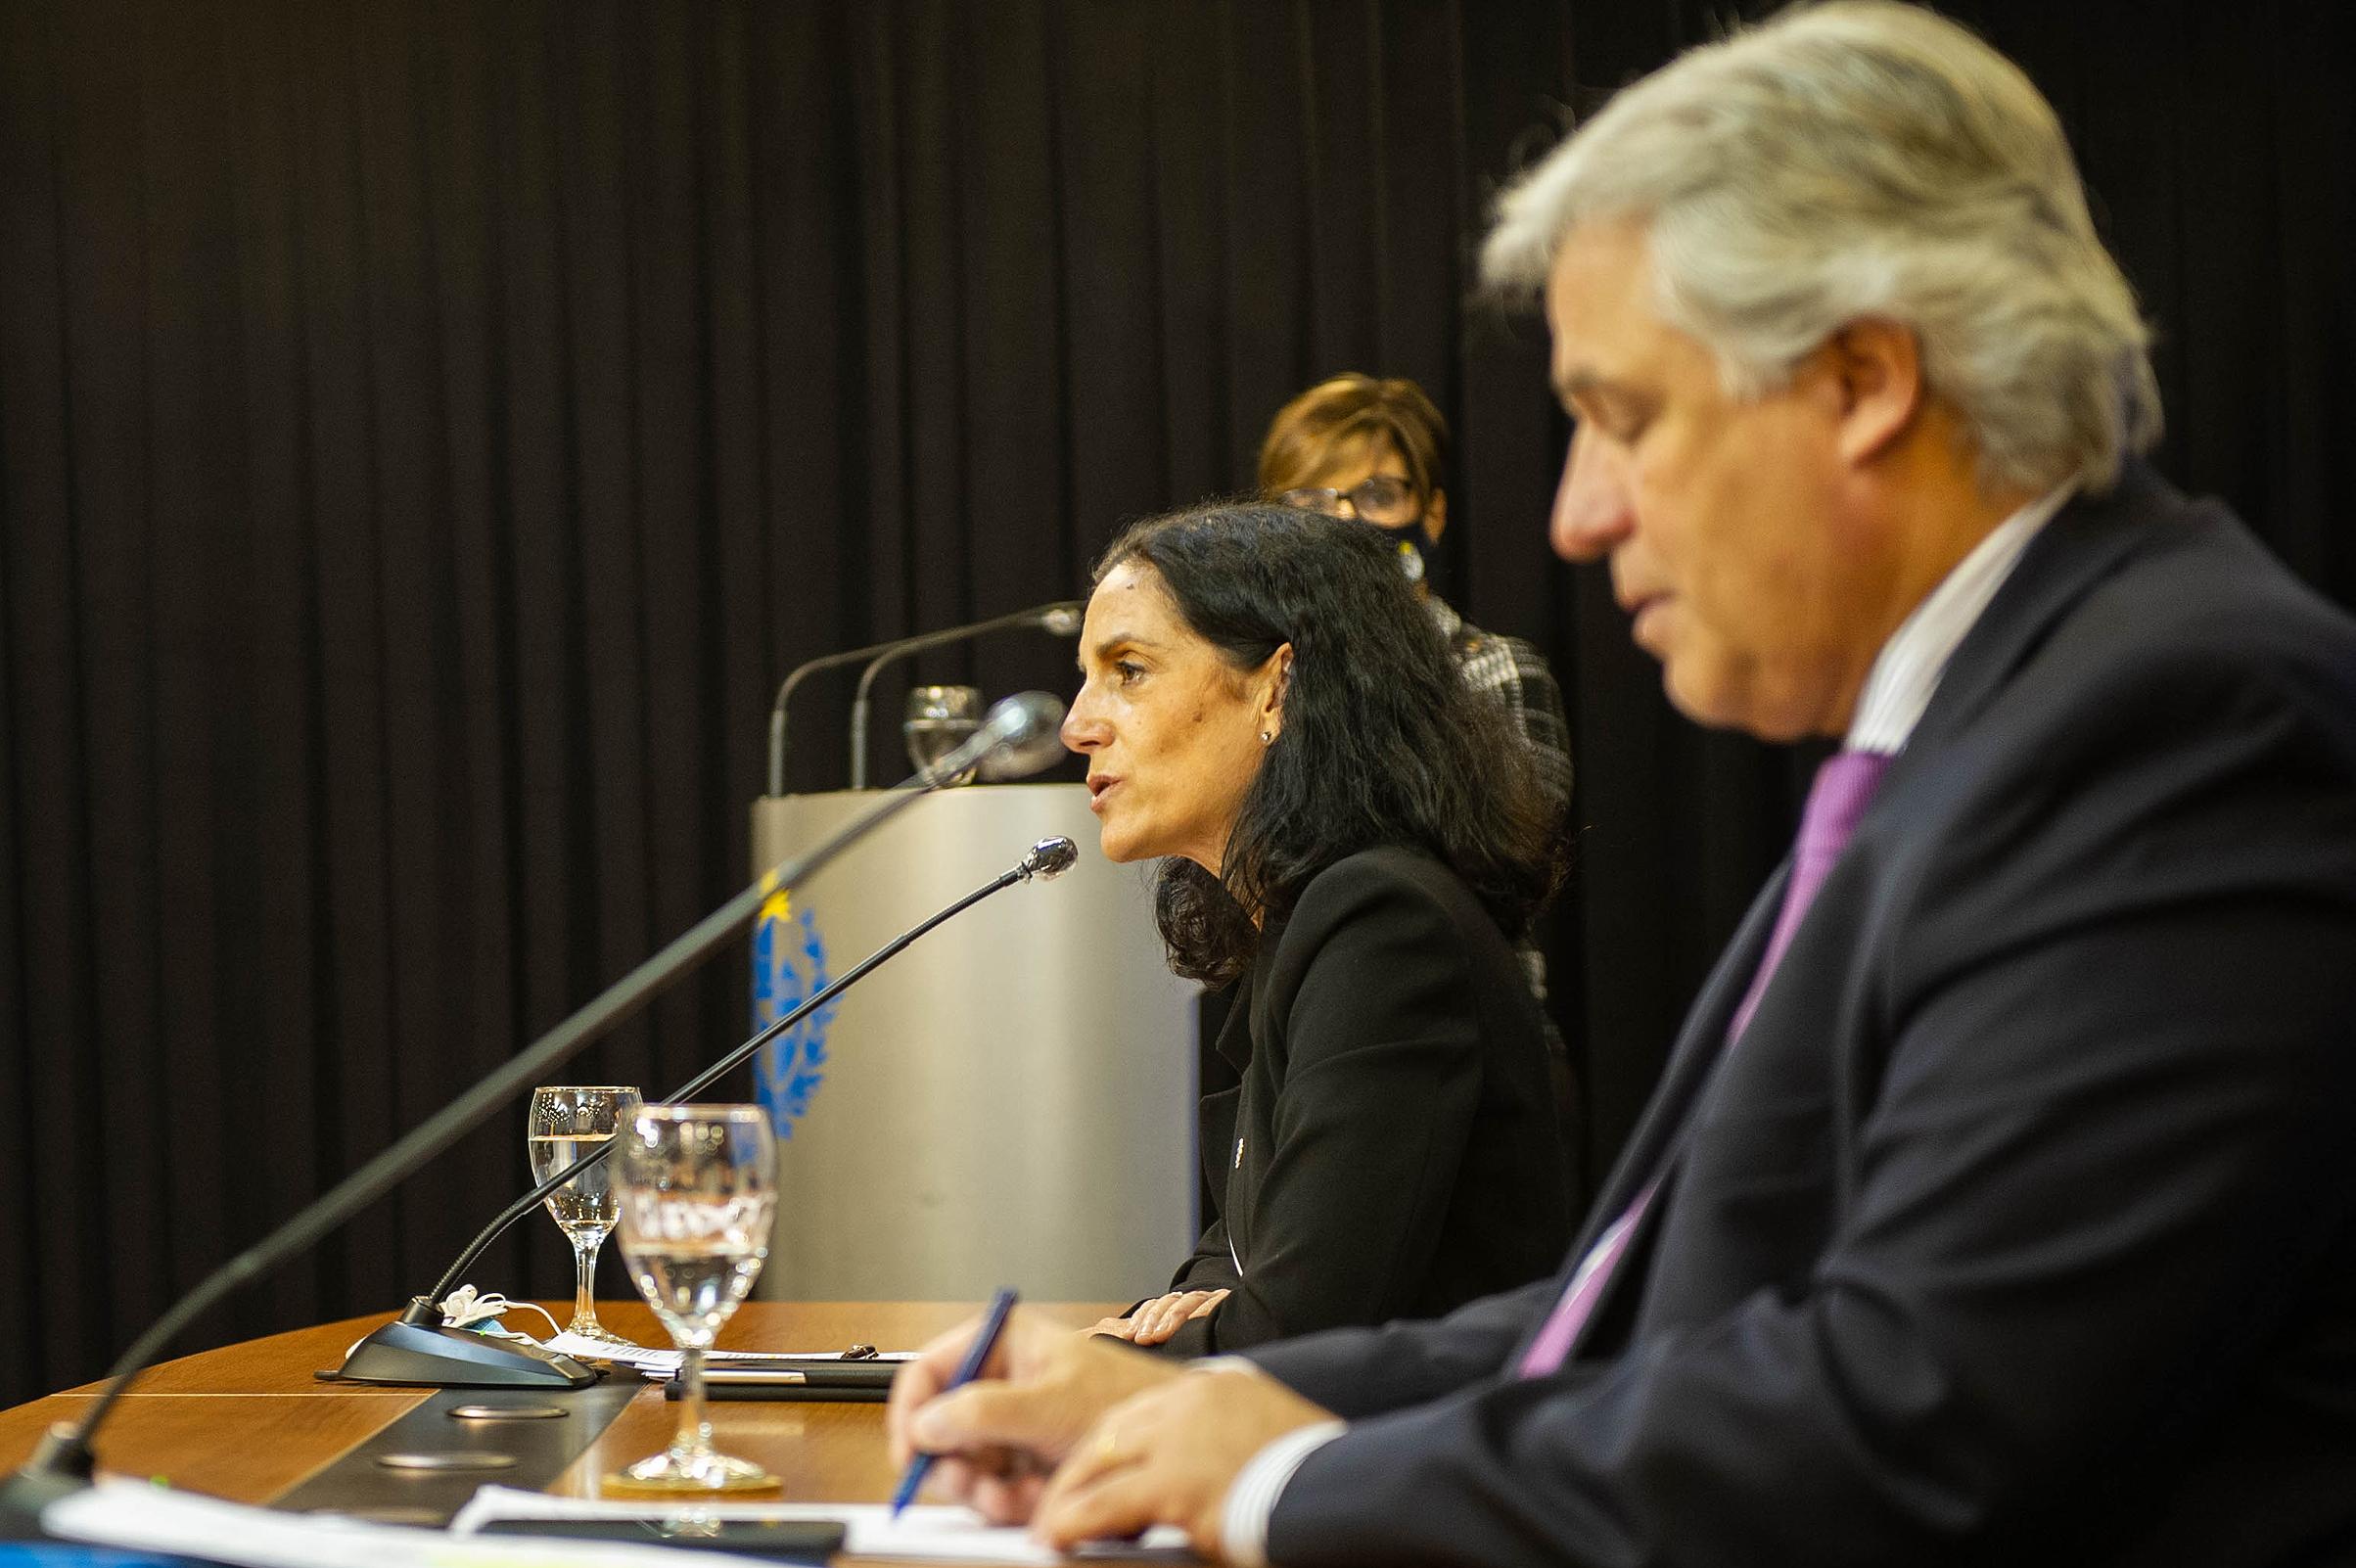 Ministra de Economía y Finanzas, Azucena Arbeleche y Ministro de Relaciones Exteriores, Francisco Bustillo